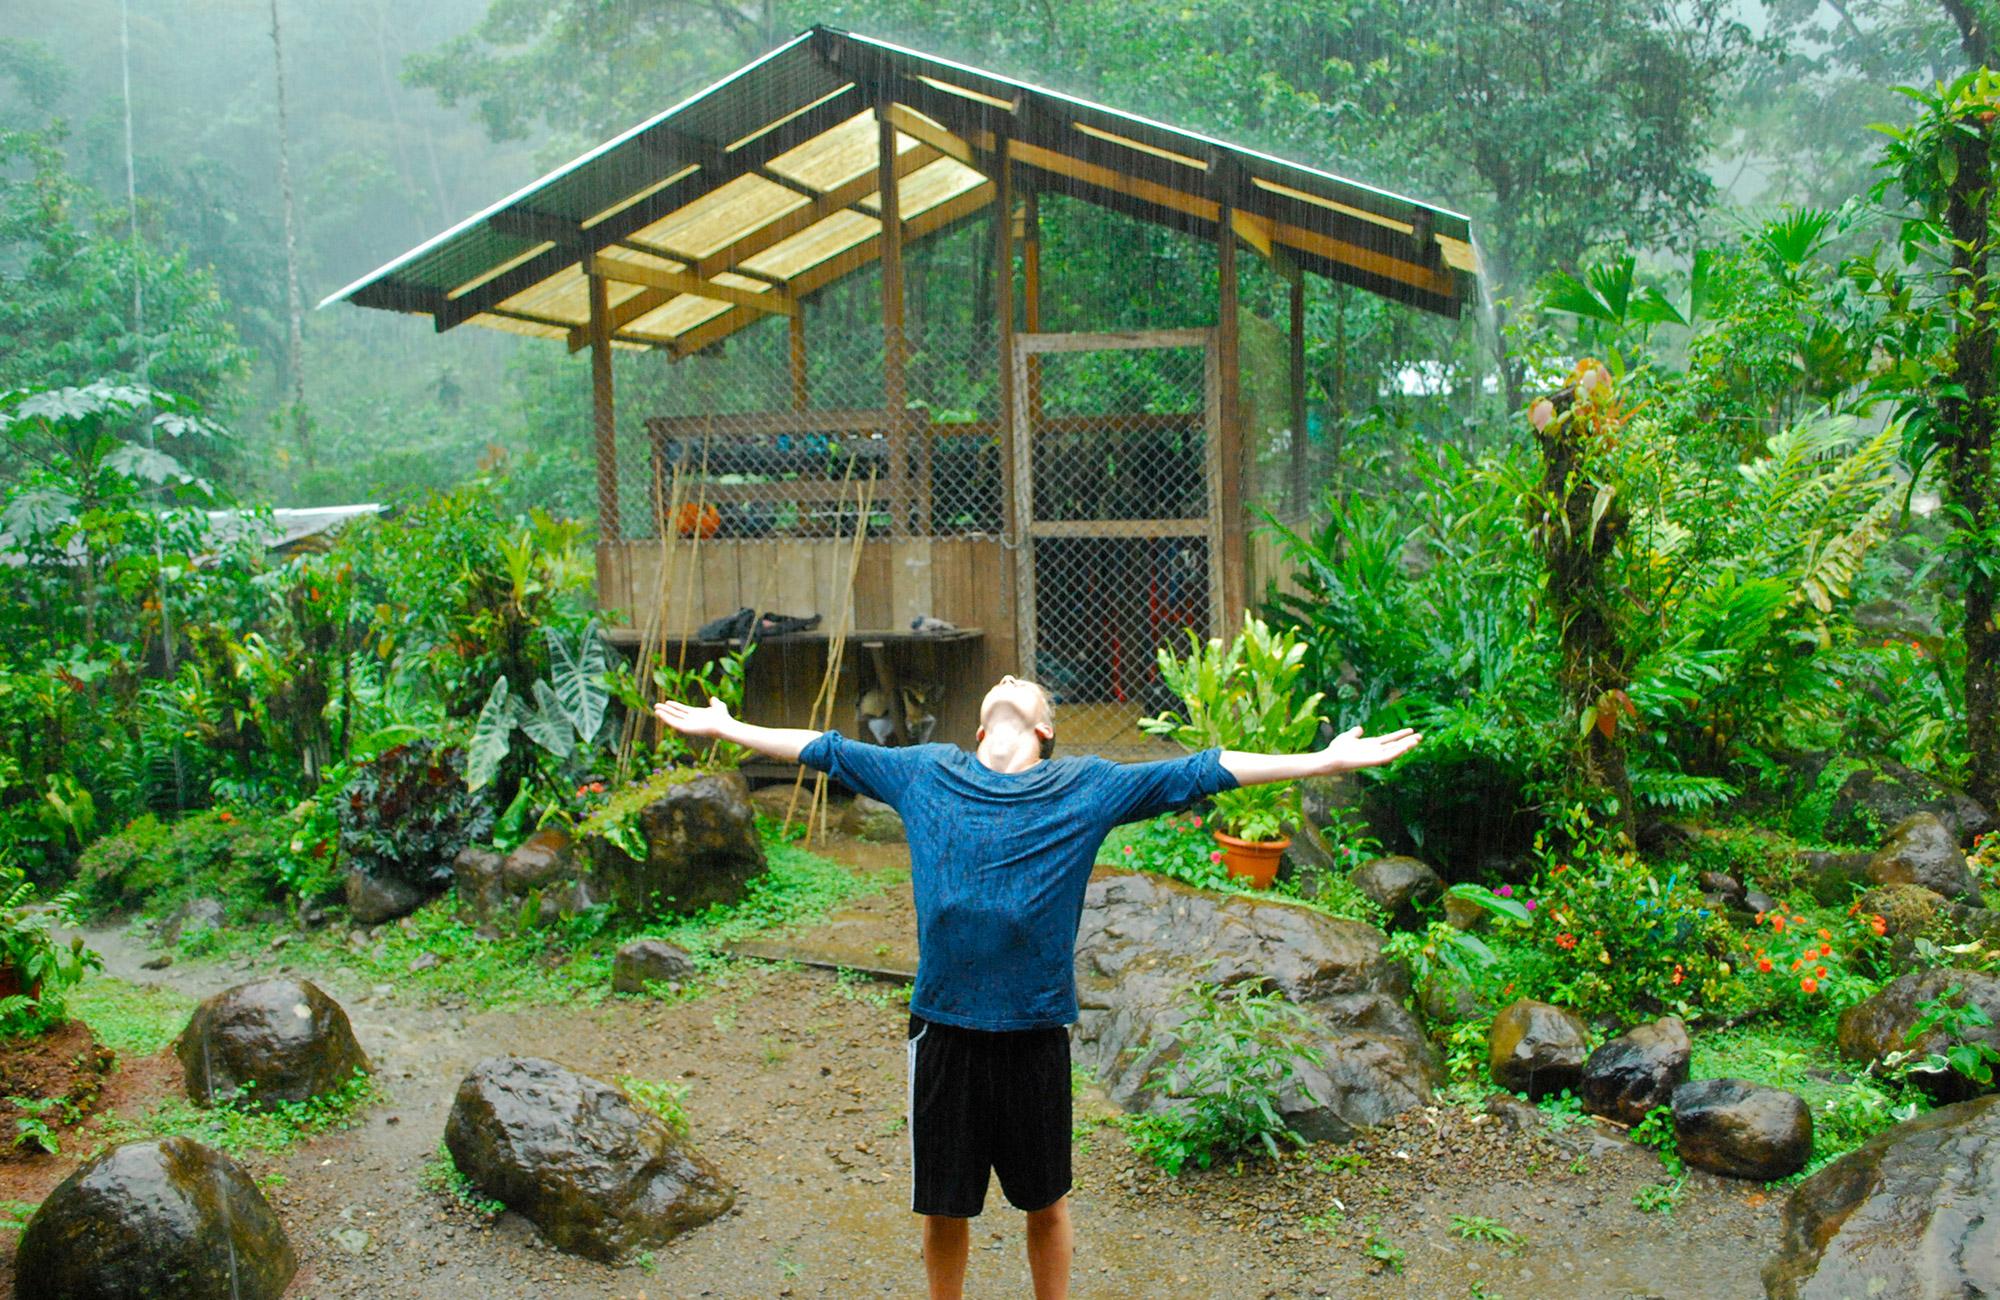 costa rica trekking teen adventure trip